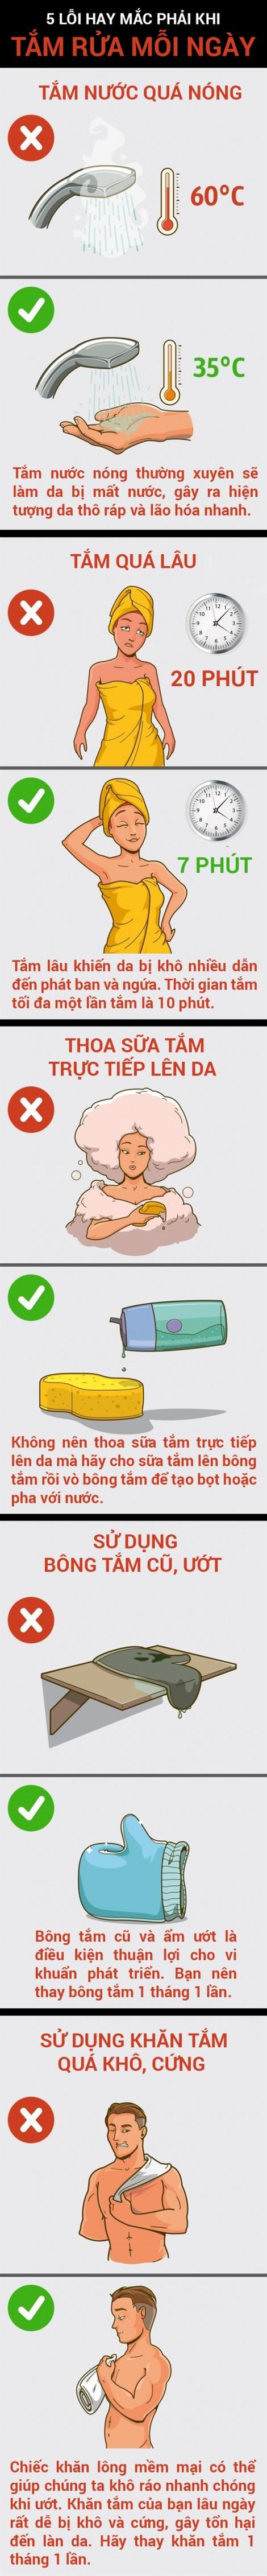 5 lỗi bạn mắc phải khi tắm rửa hàng ngày